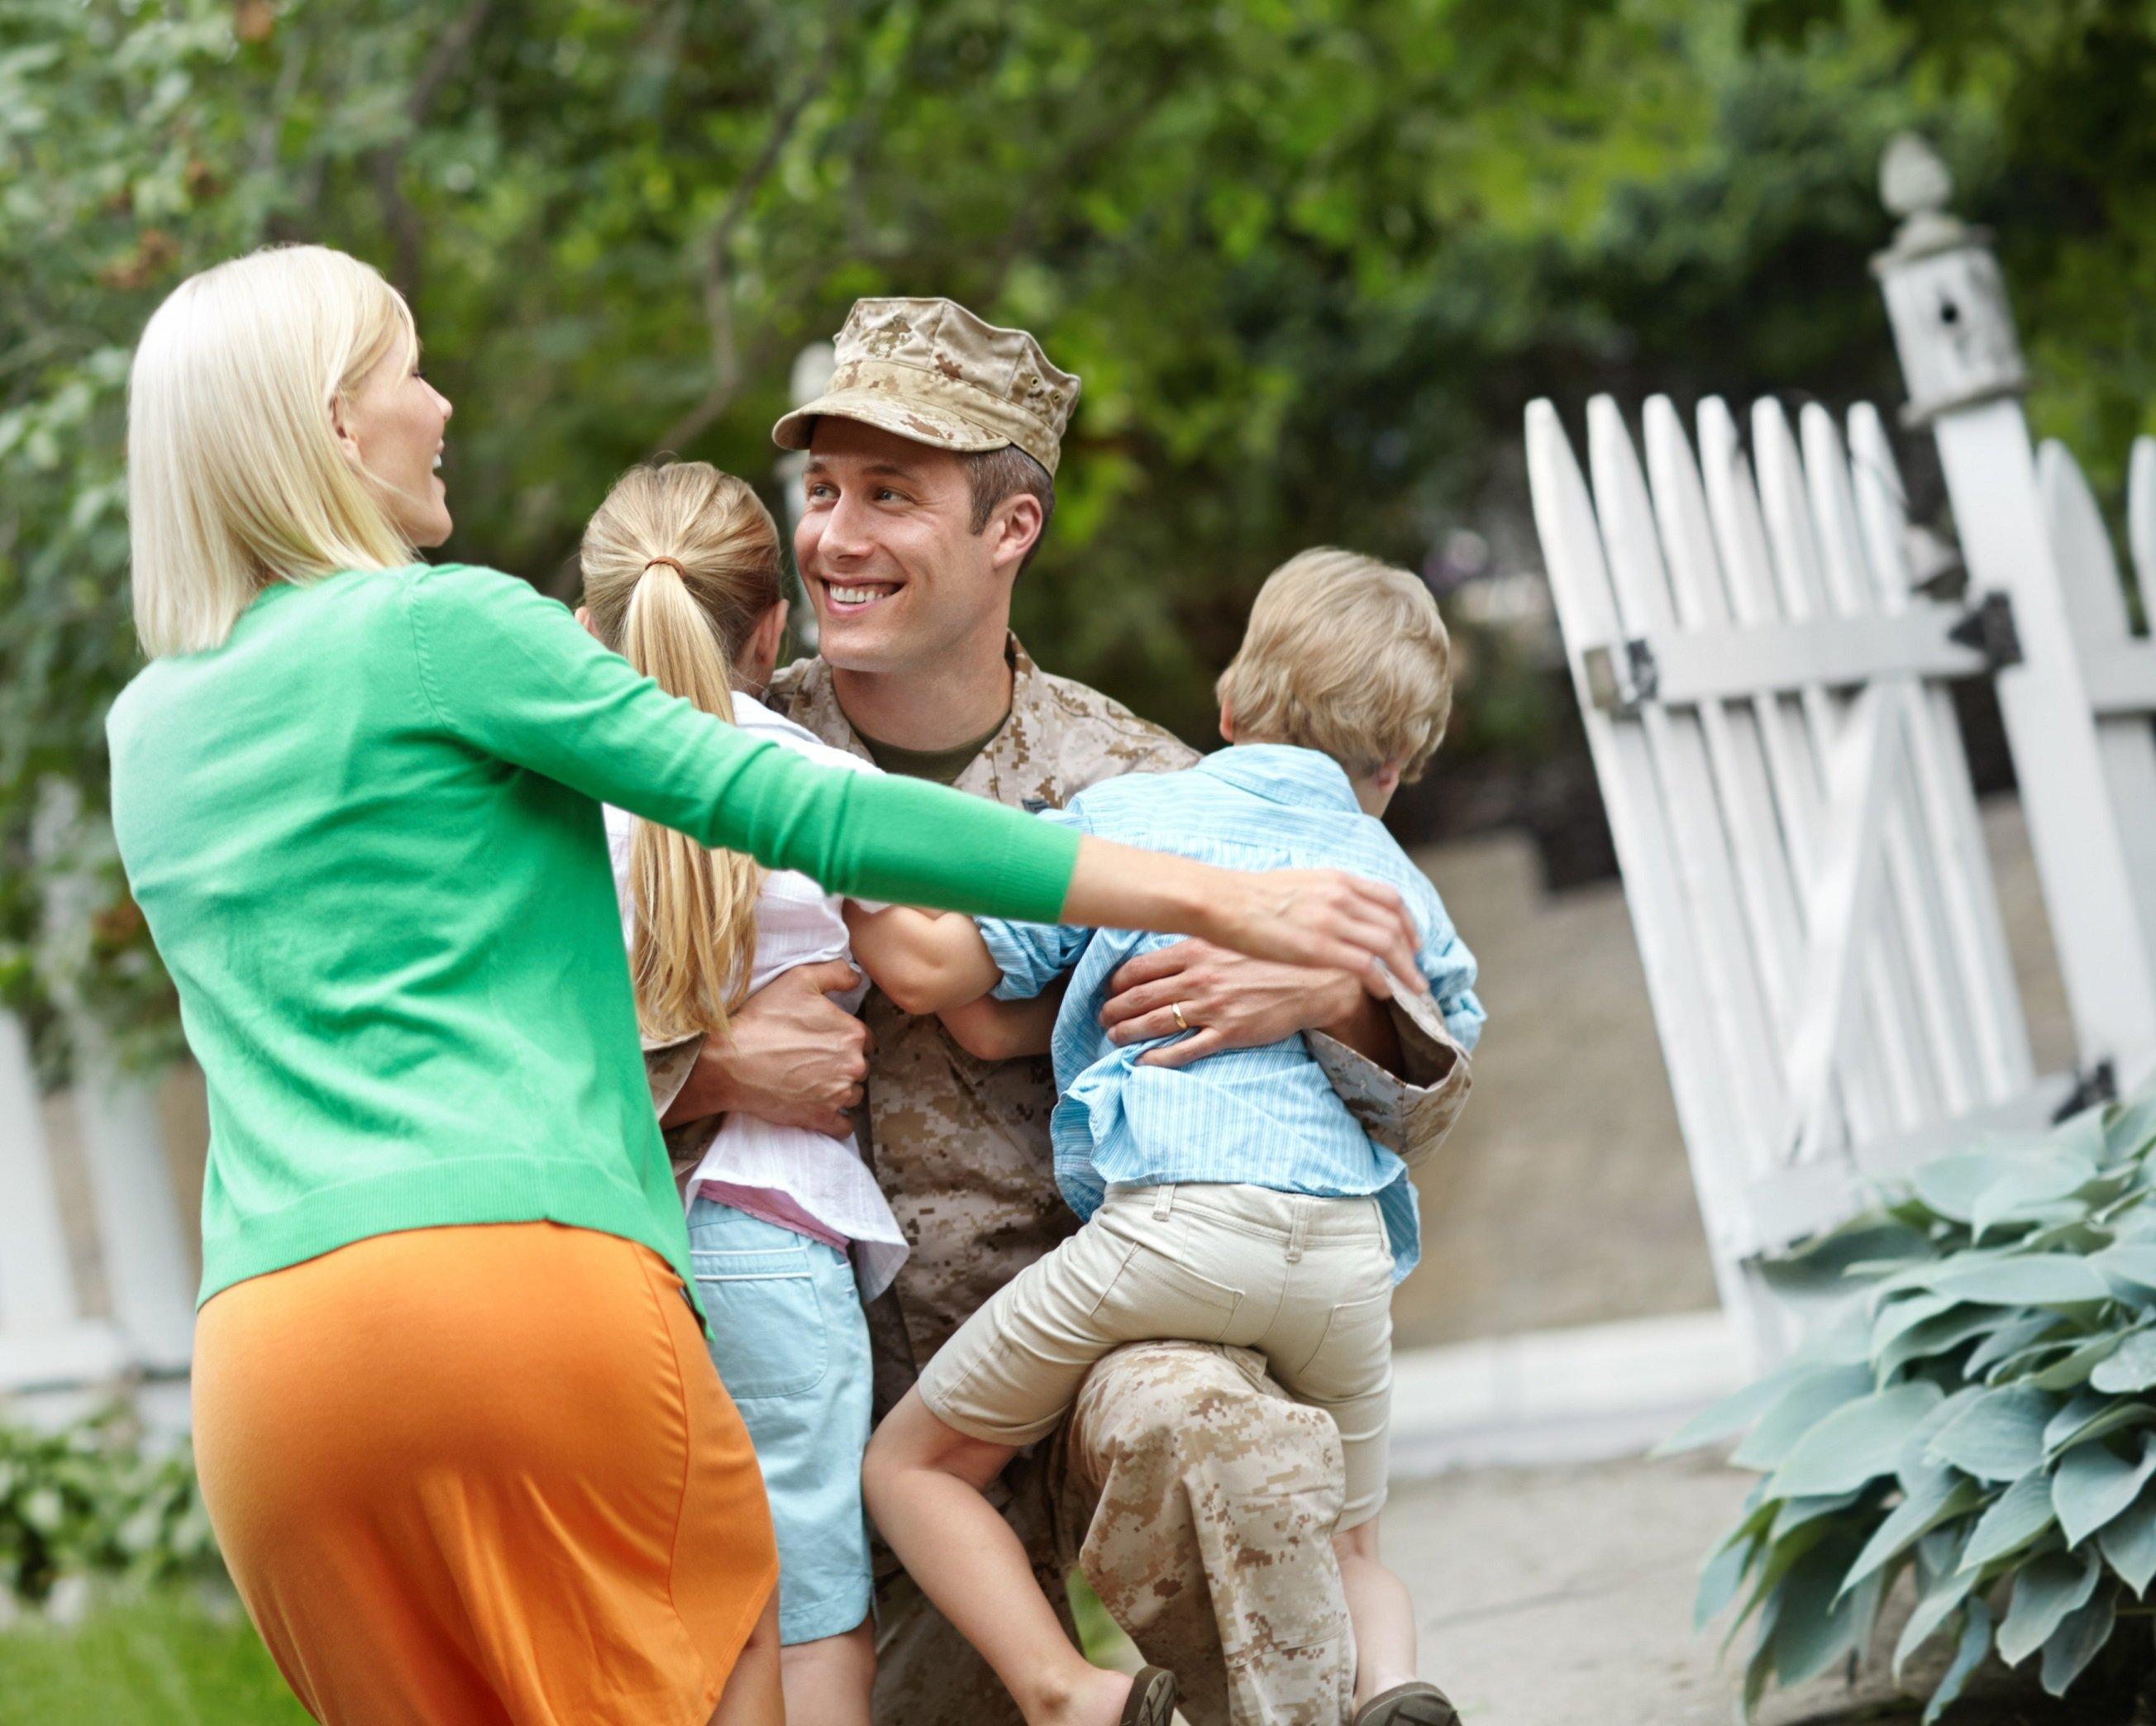 A family embraces a serviceman.